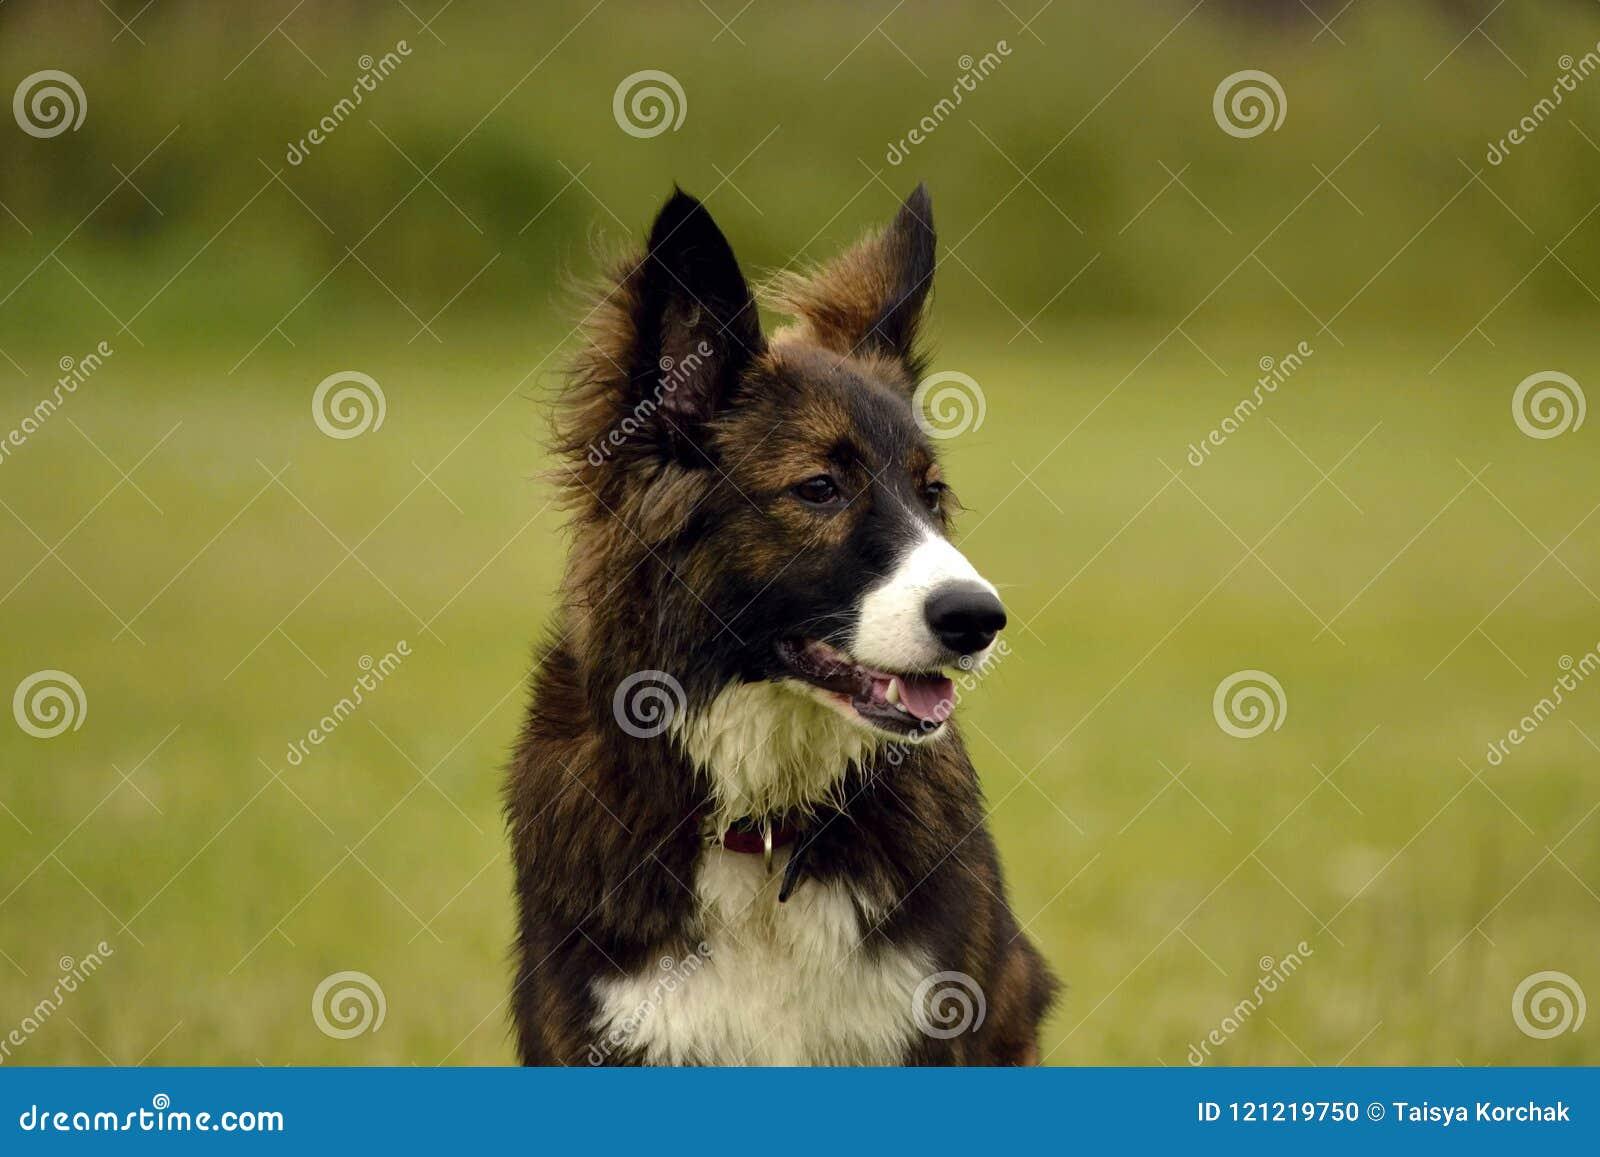 Sinnesrörelser av djur Ung driftig hund på en gå Valputbildning, cynology, intensiv utbildning av ung hundkapplöpning Gå hundkapp